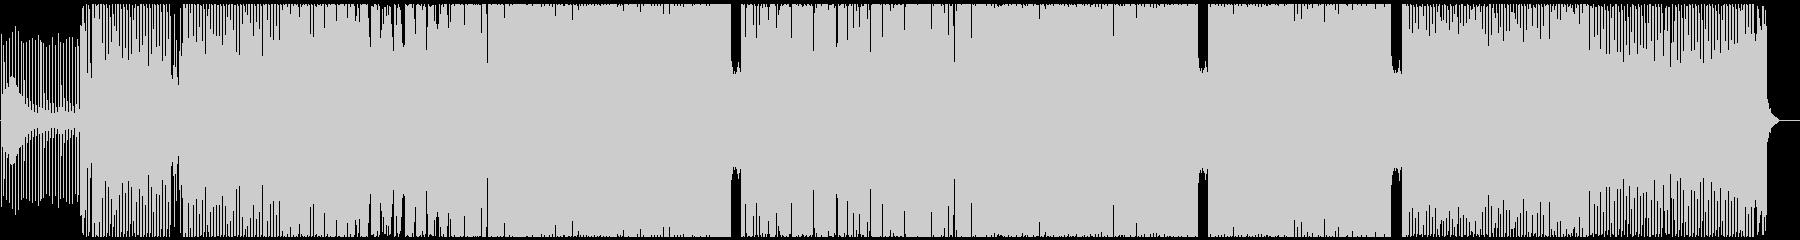 ハウス ダンス プログレッシブ 広...の未再生の波形